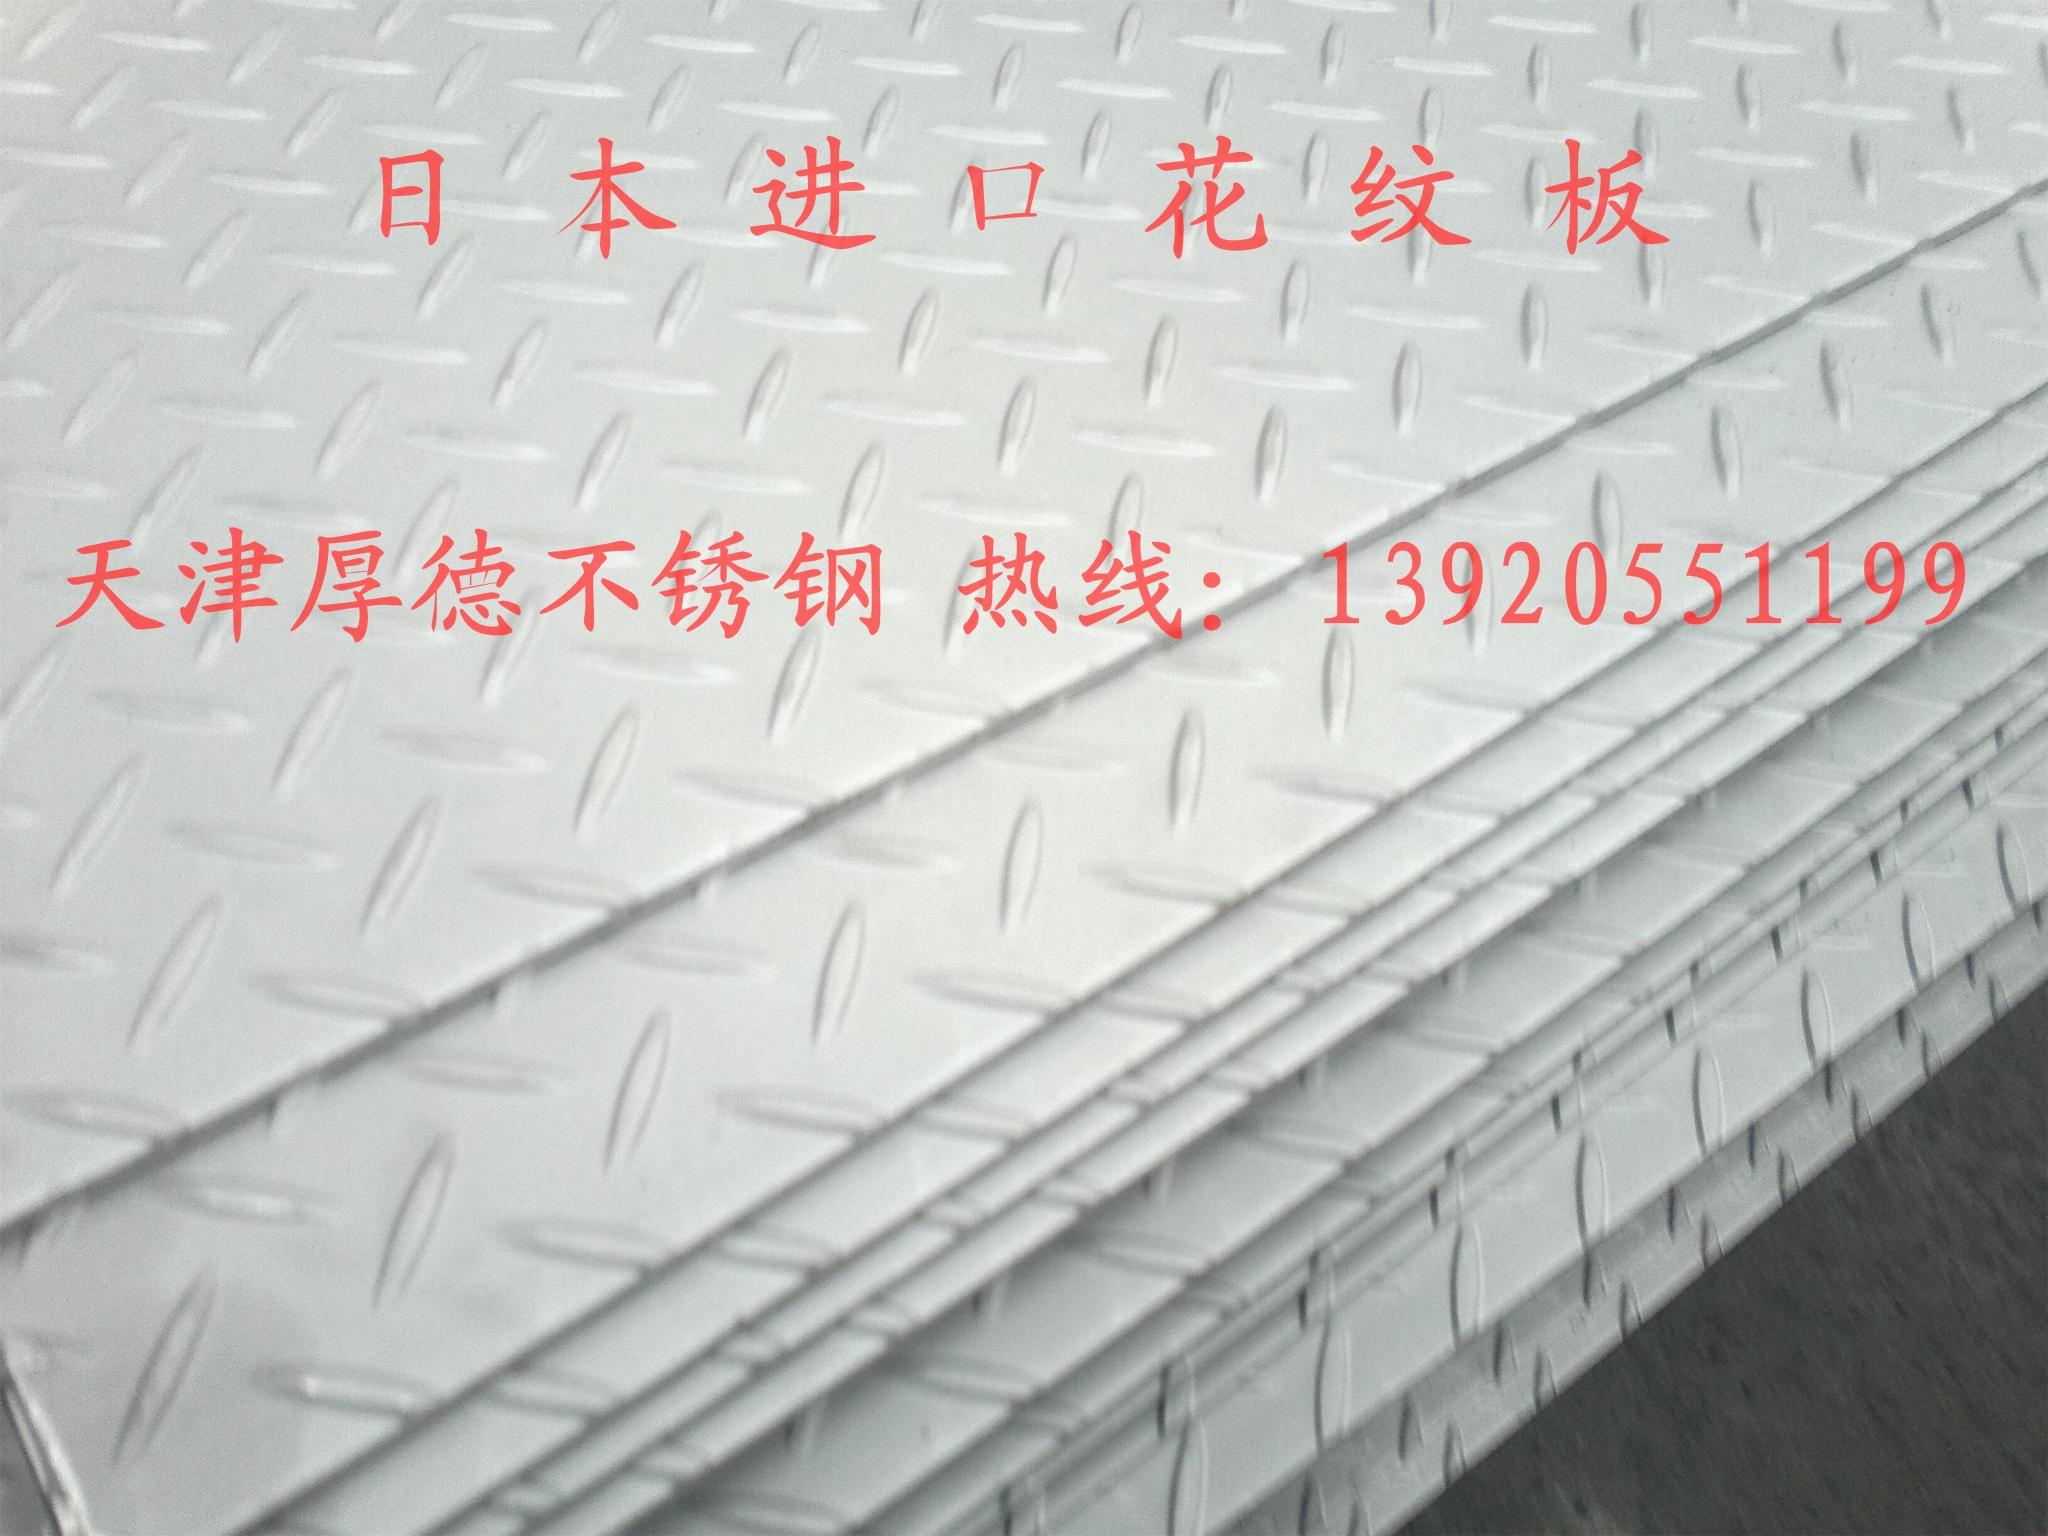 304不锈钢花纹板加工,304不锈钢花纹板价格,不锈钢花纹板厂家